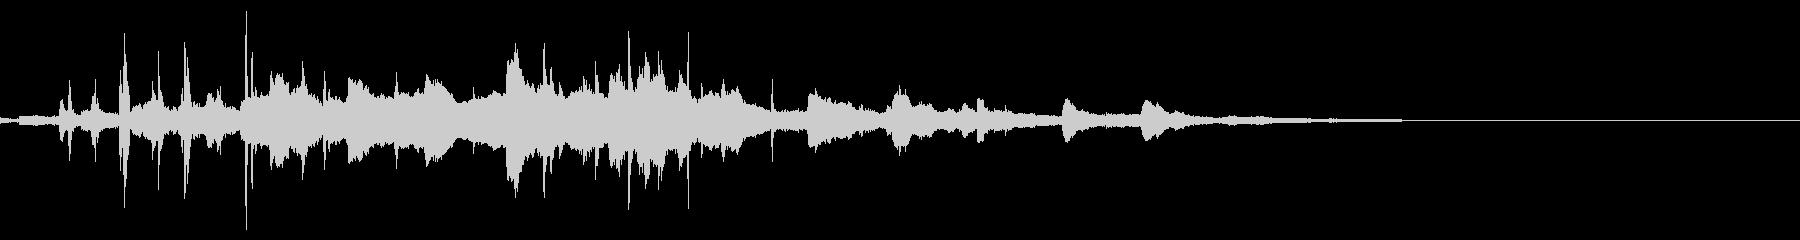 カラララ_神秘的なベルの音_2_包み込むの未再生の波形